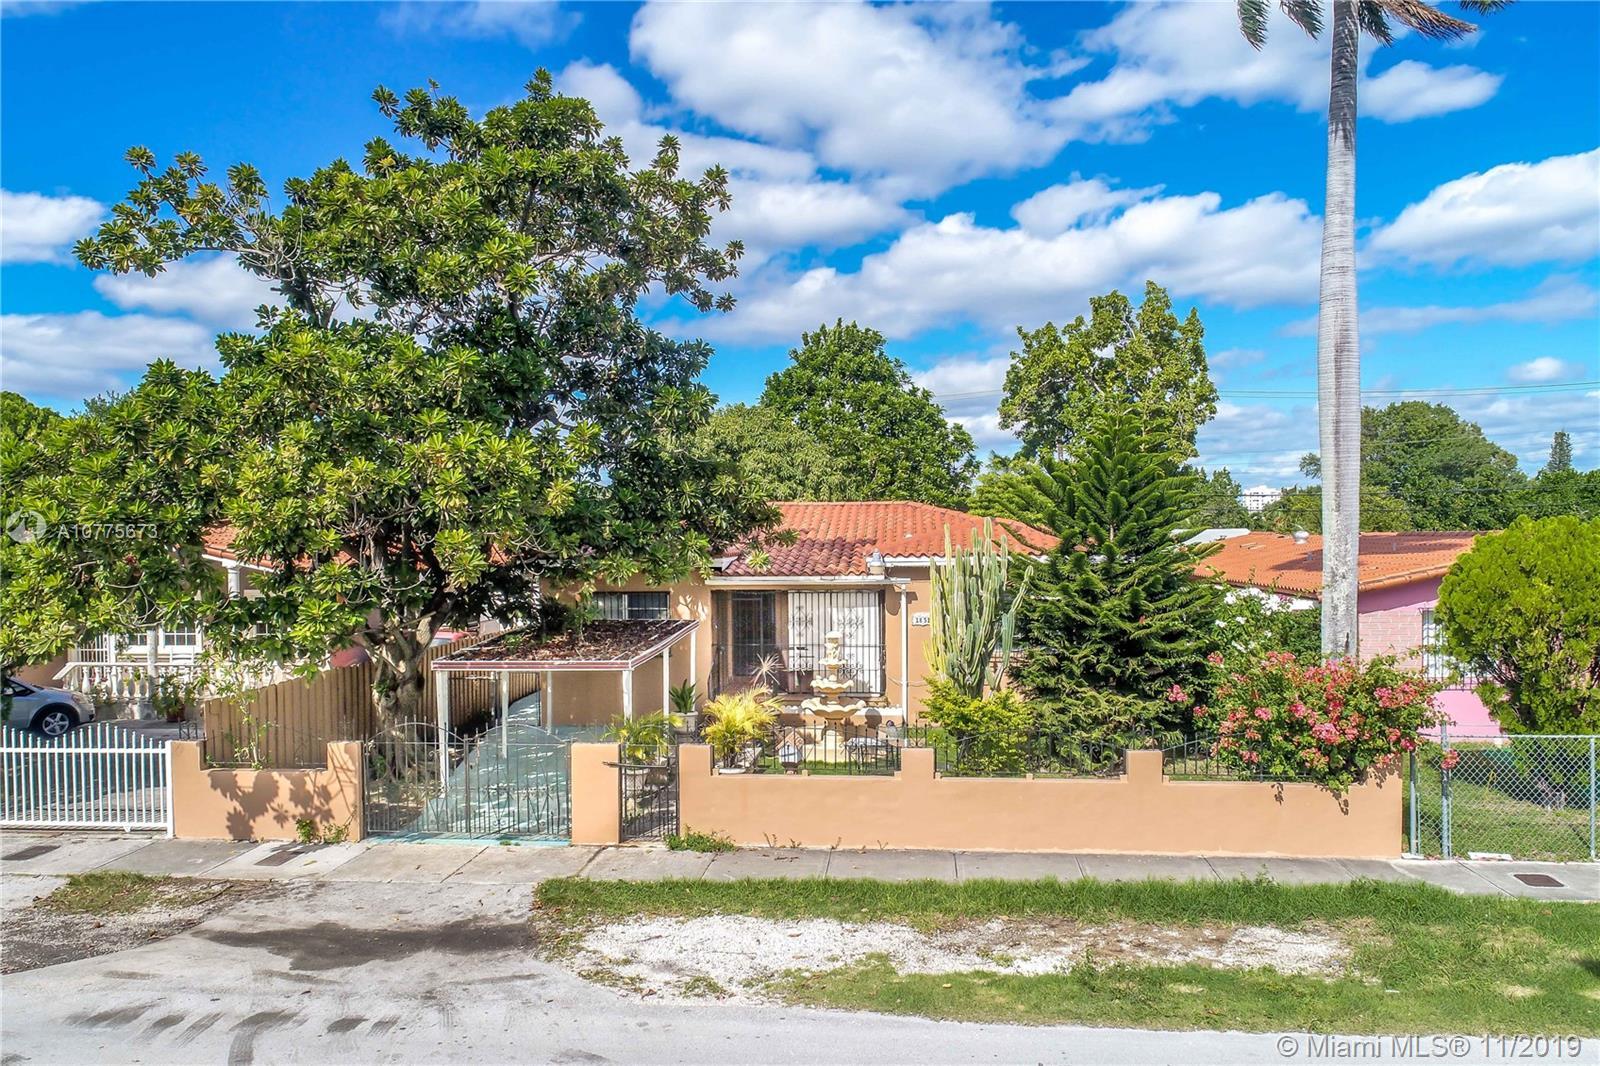 1851 NW 17th St, Miami, FL 33125 - Miami, FL real estate listing